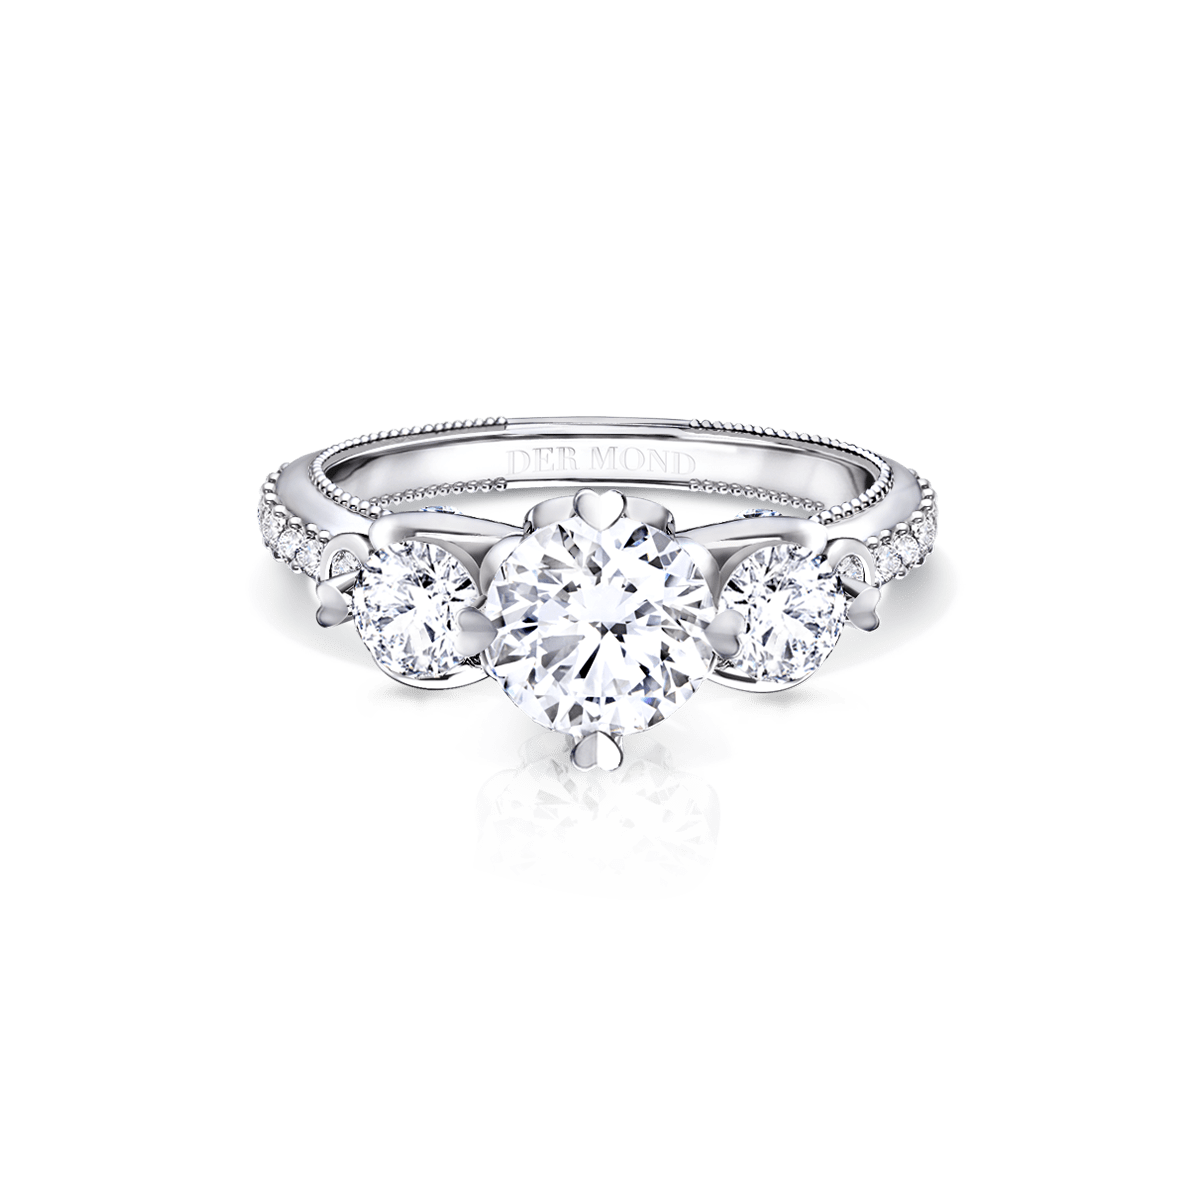 ผลการค้นหารูปภาพสำหรับ แหวนหมั้นเพชรสามเม็ดเรียง (3 Stone Ring)